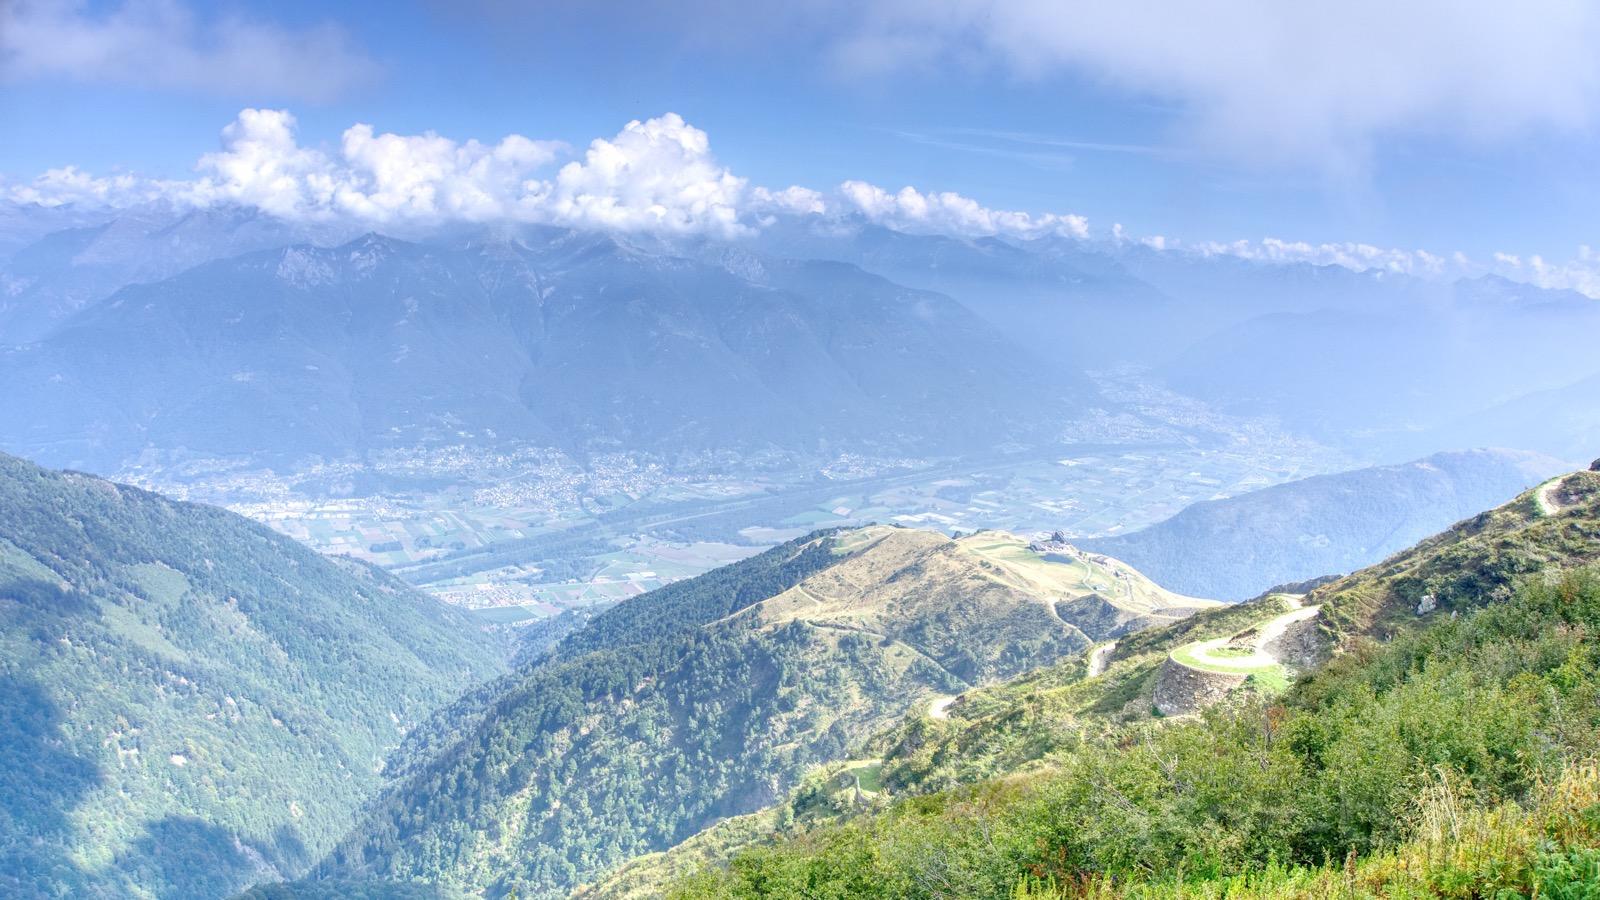 Blick hinab auf die Bergstation am Monte Tamaro.